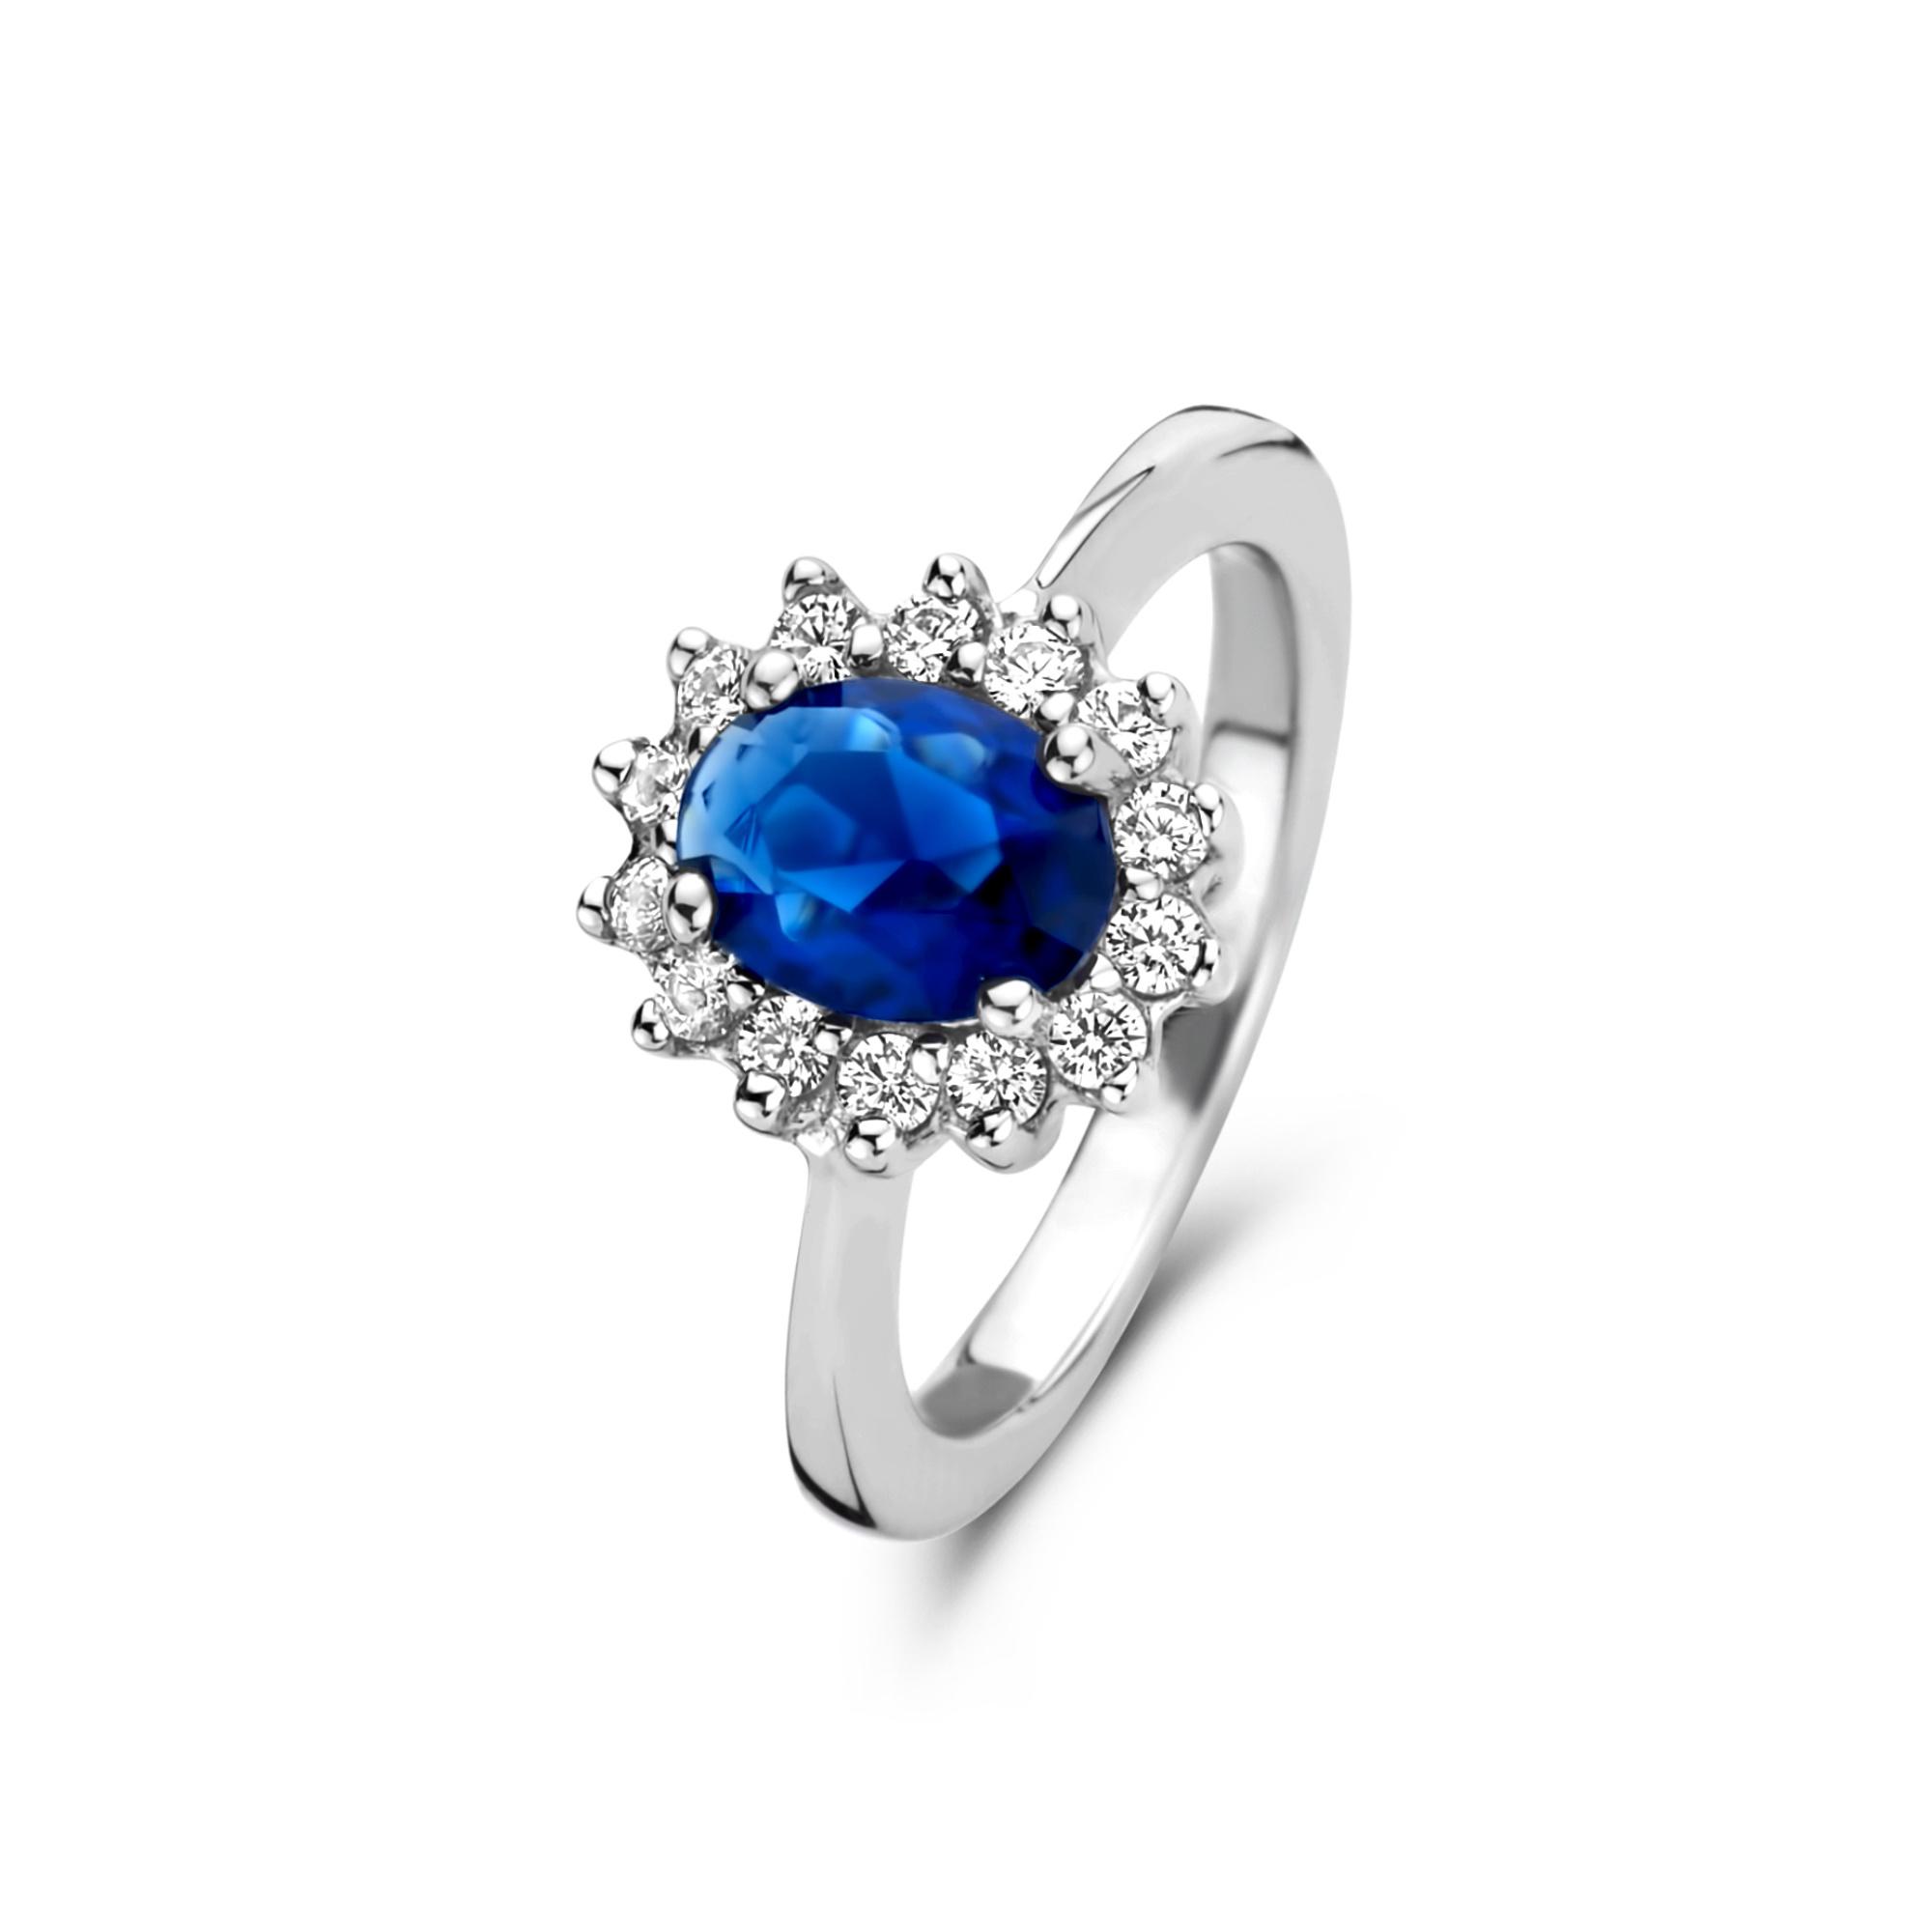 Parte di Me Brioso Cortona Lia 925 sterling silver ring with sapphire and zirconia